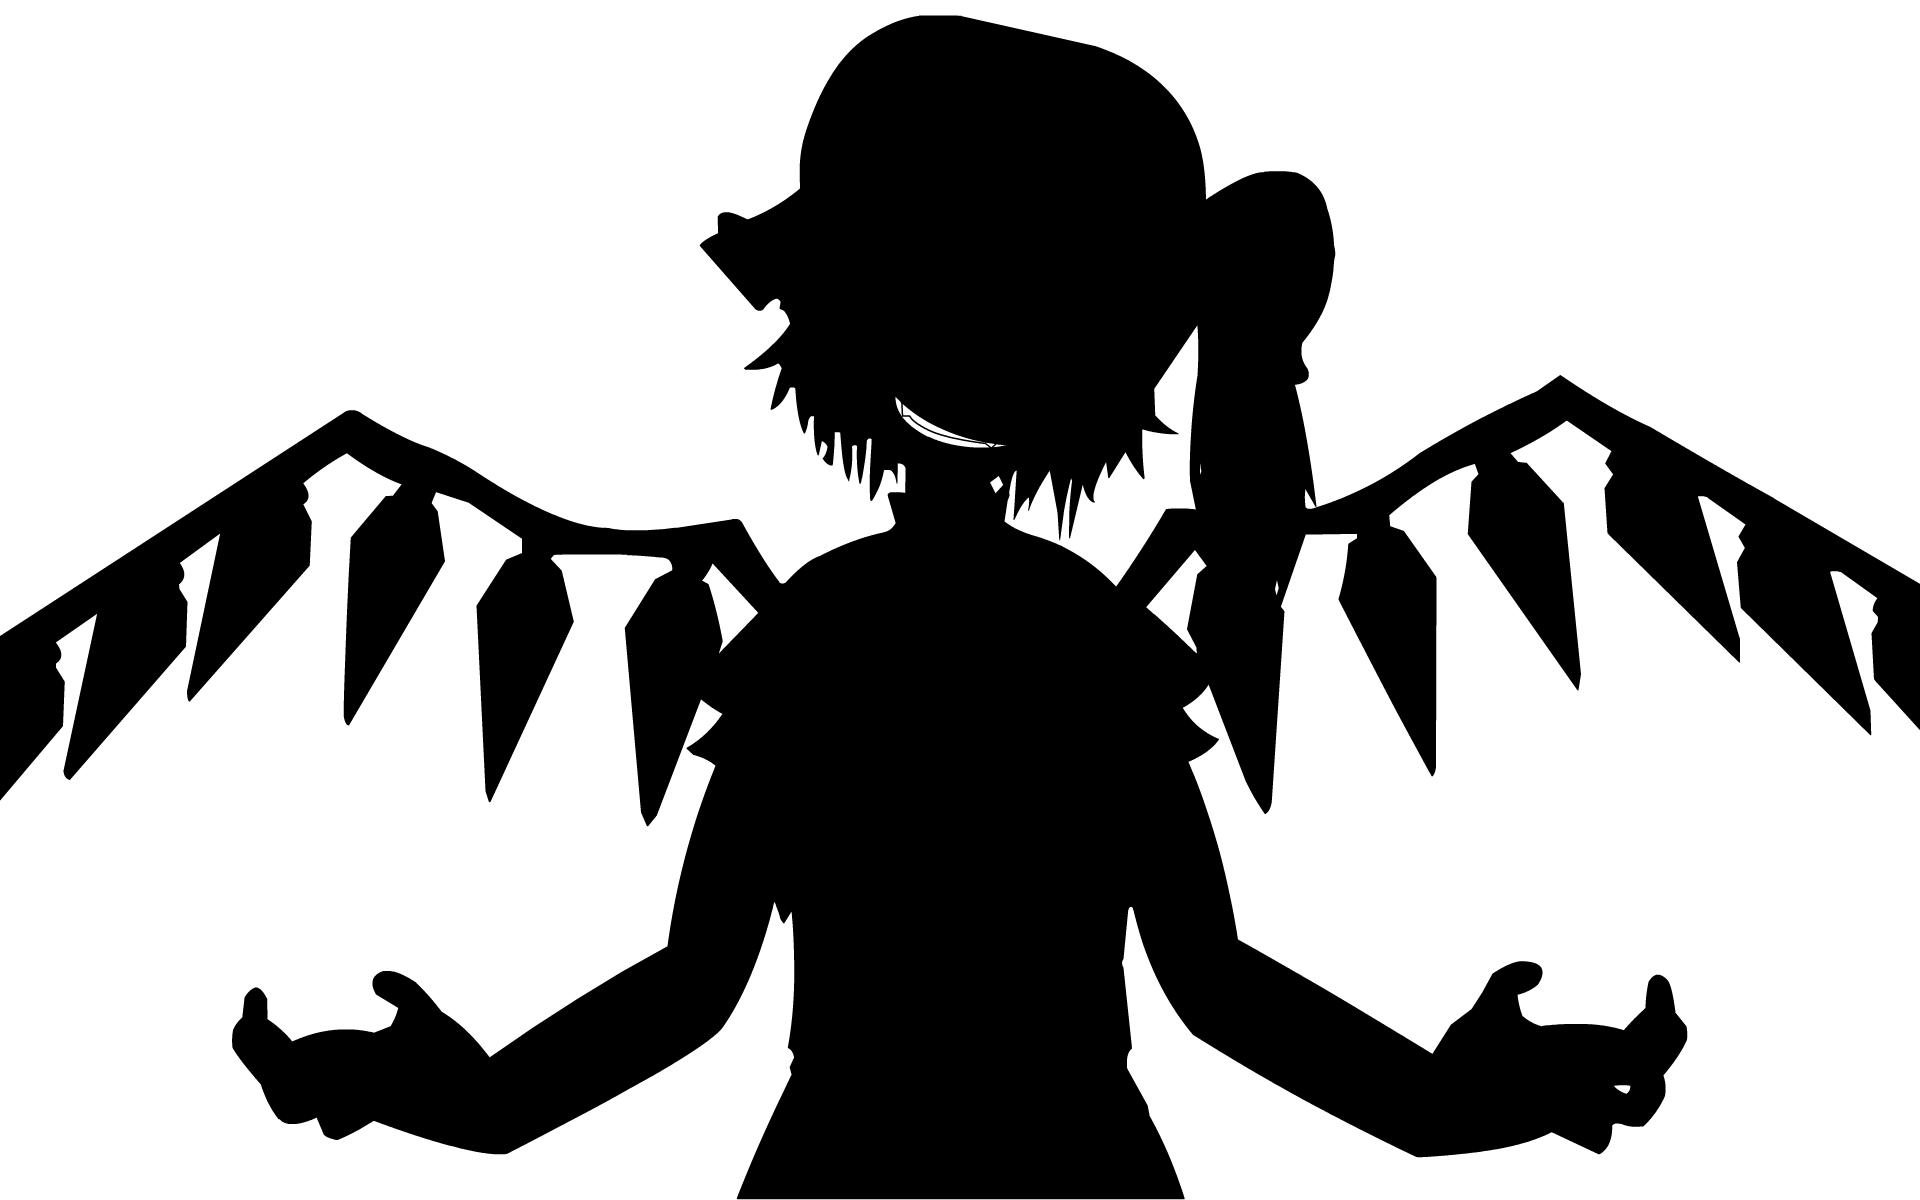 Shadow clipart bad #7